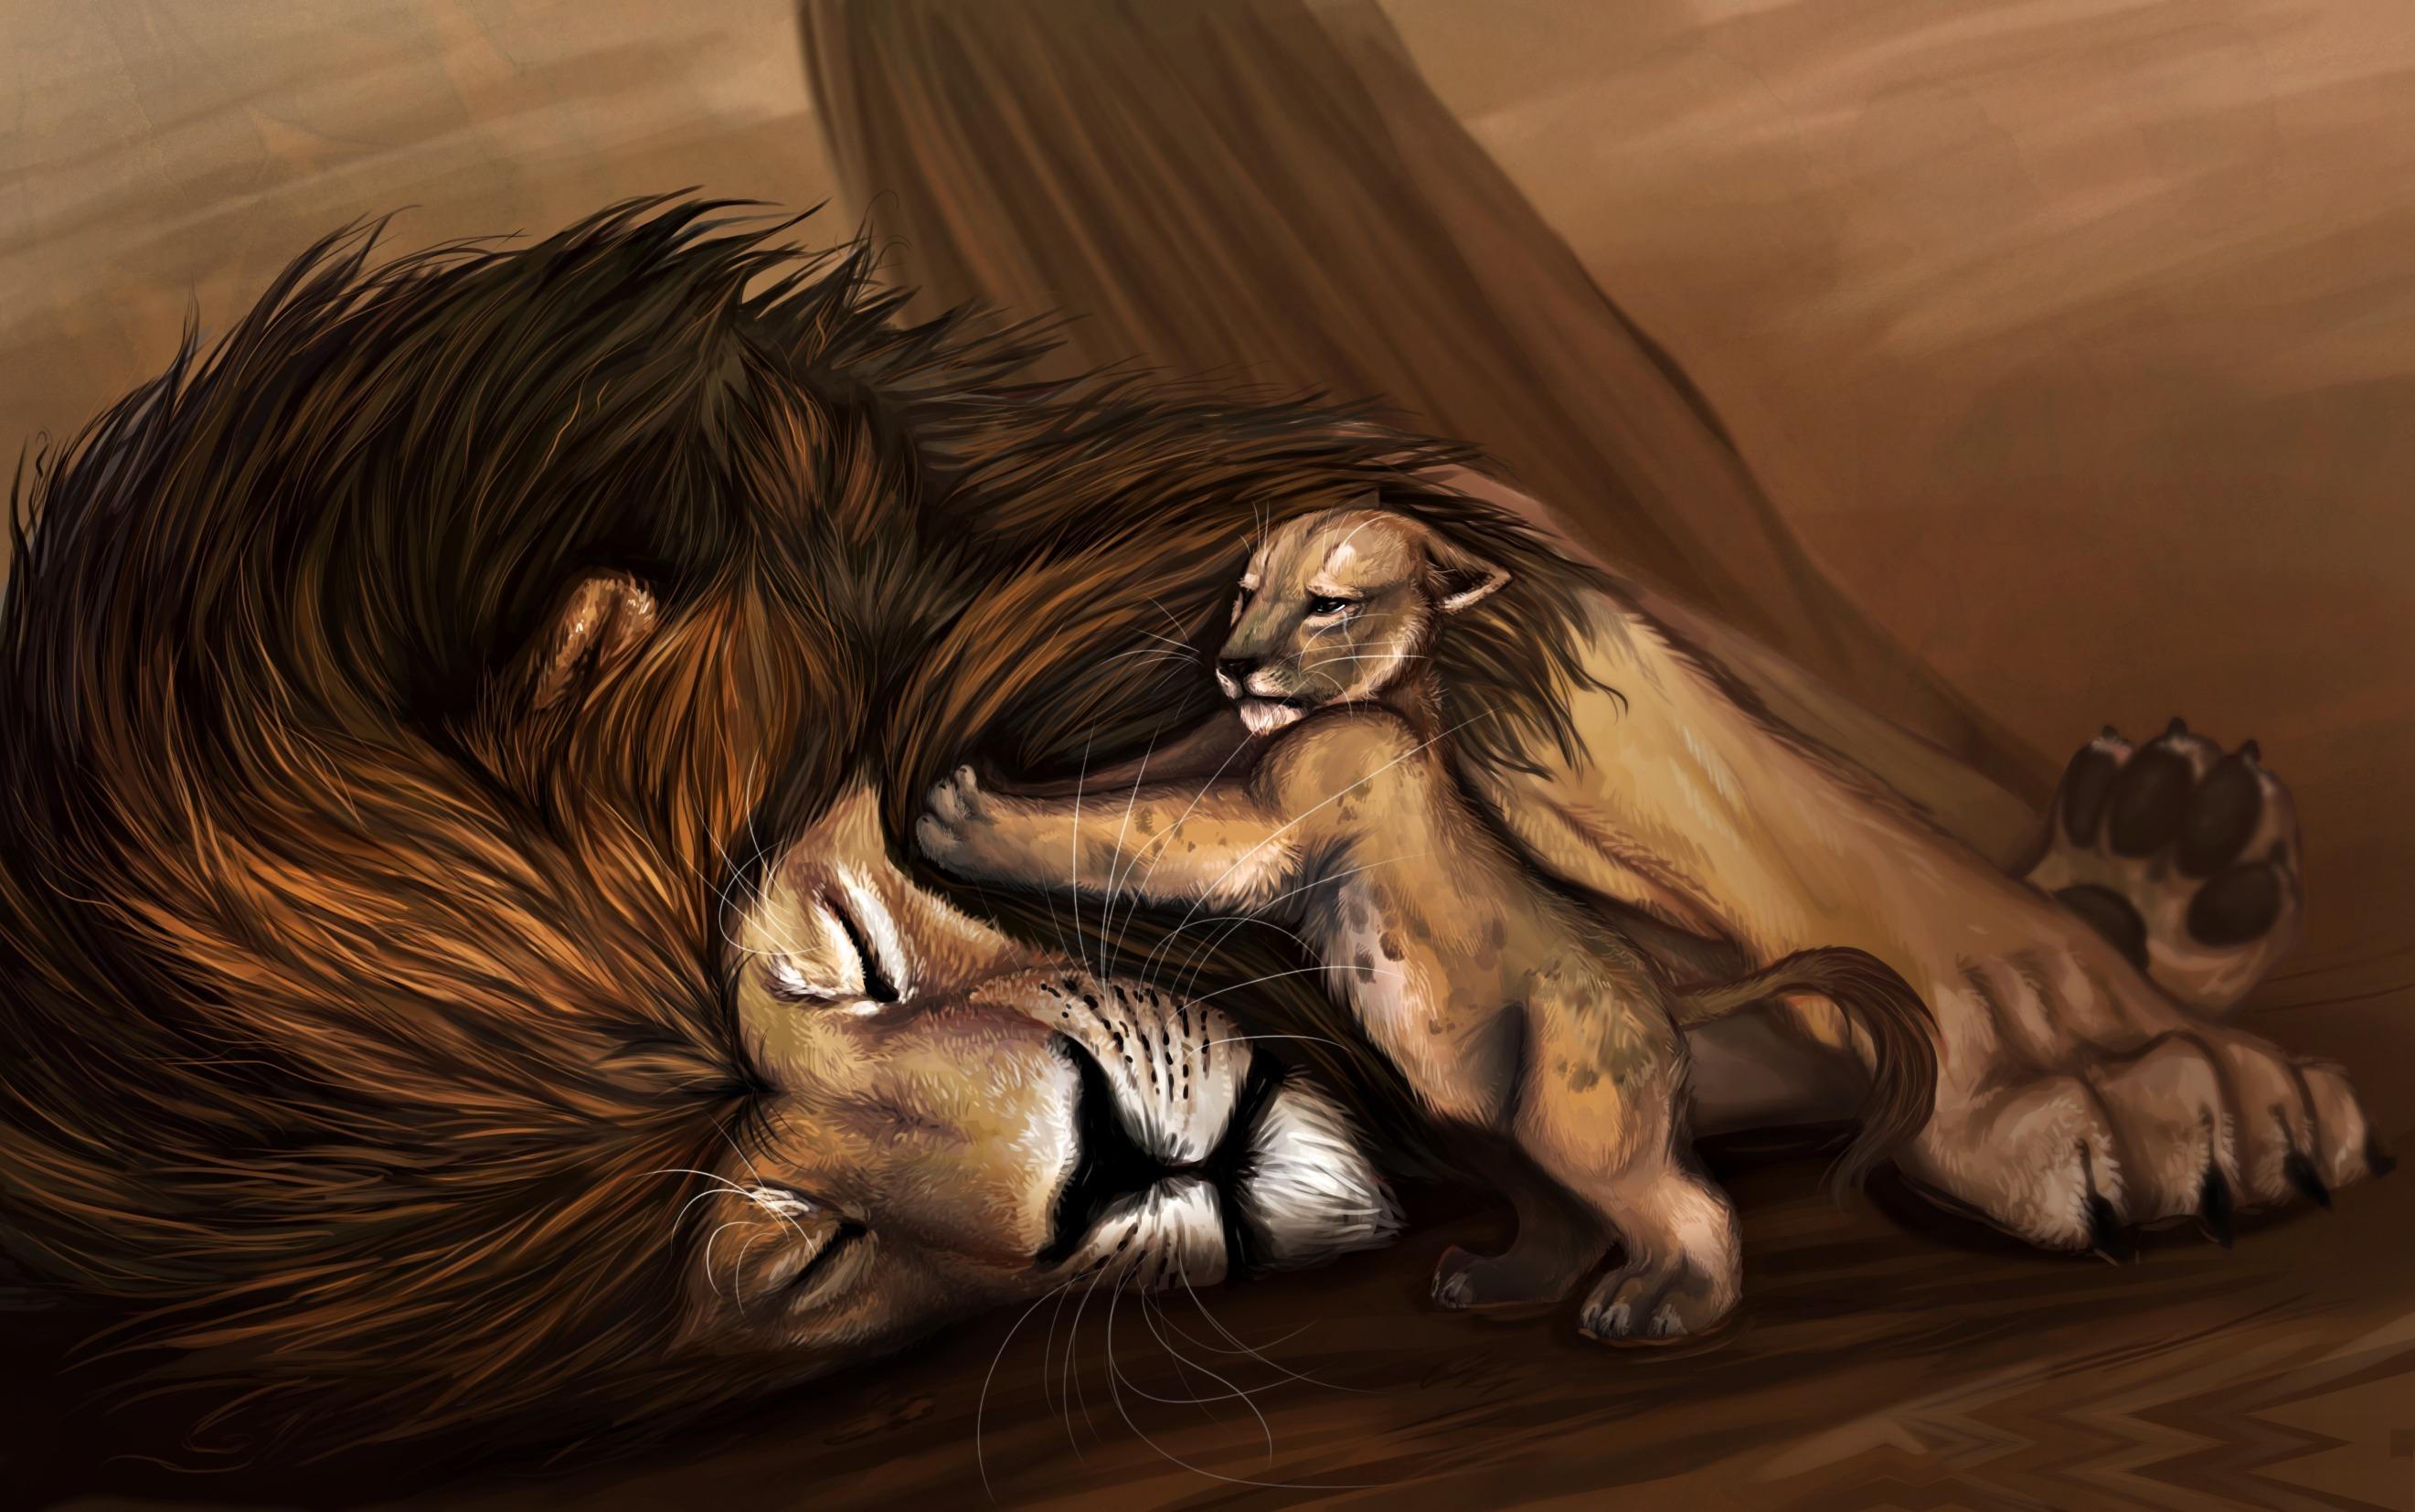 Il re leone full hd sfondo and sfondi 2642x1654 id 260960 for Sfondi leone